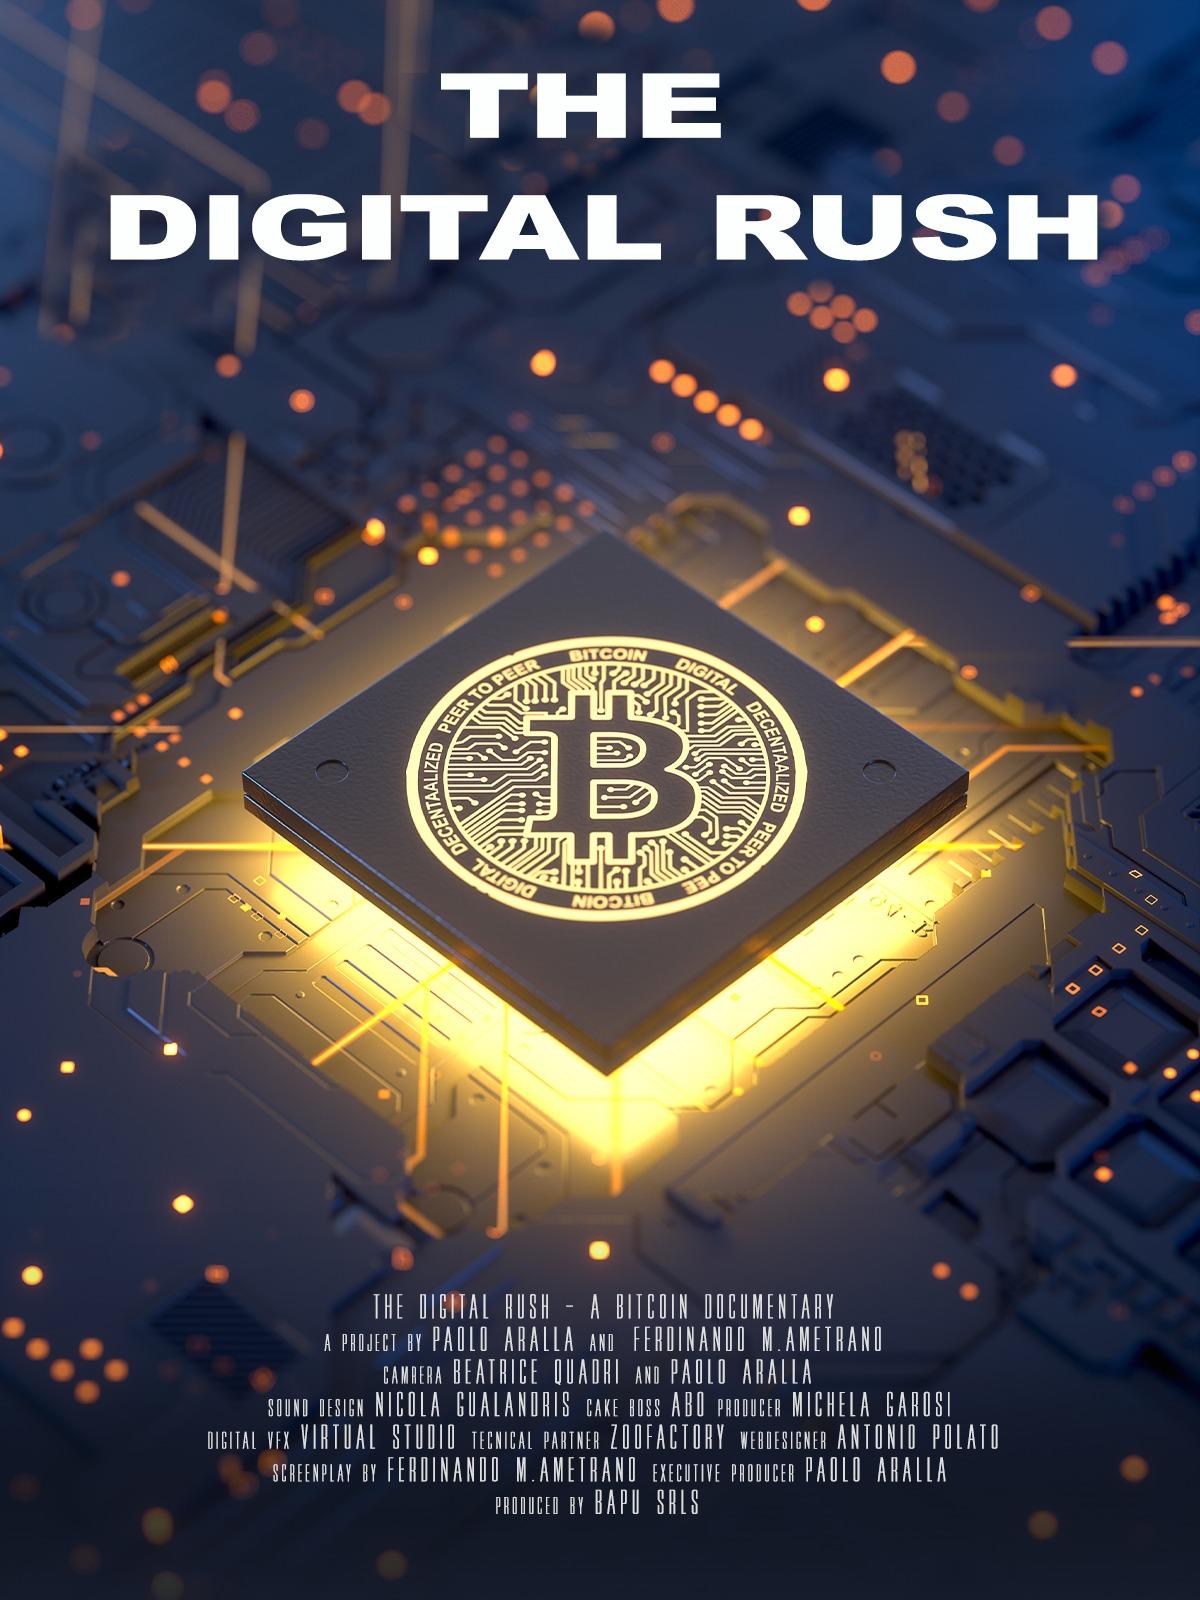 The Digital Rush - A Bitcoin documentary